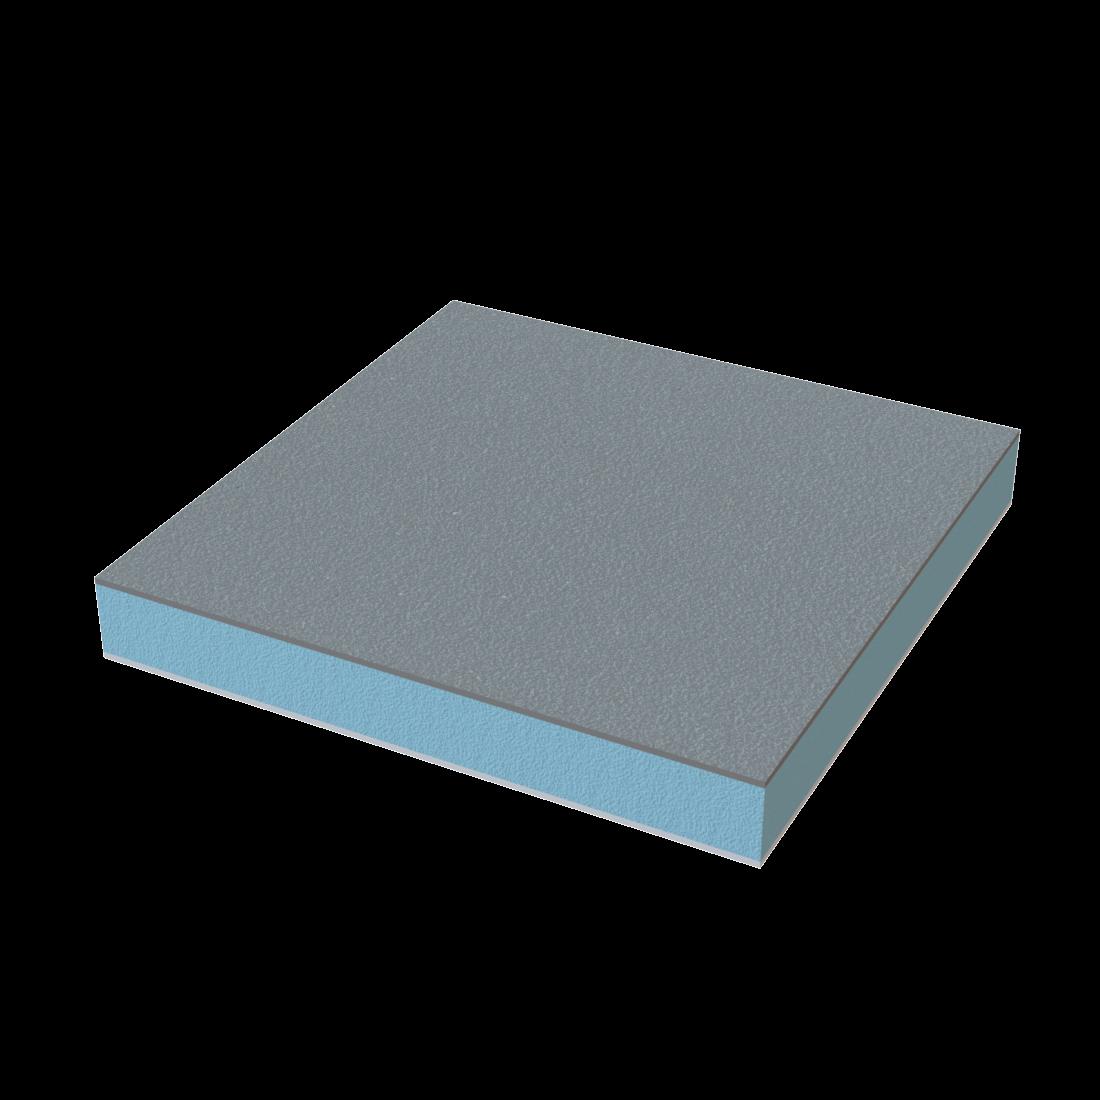 Vikuplex floor PET+GFR Plaat TK RG150 Anti-slip Grijs ±RAL7043 4500x2200x15mm 695162